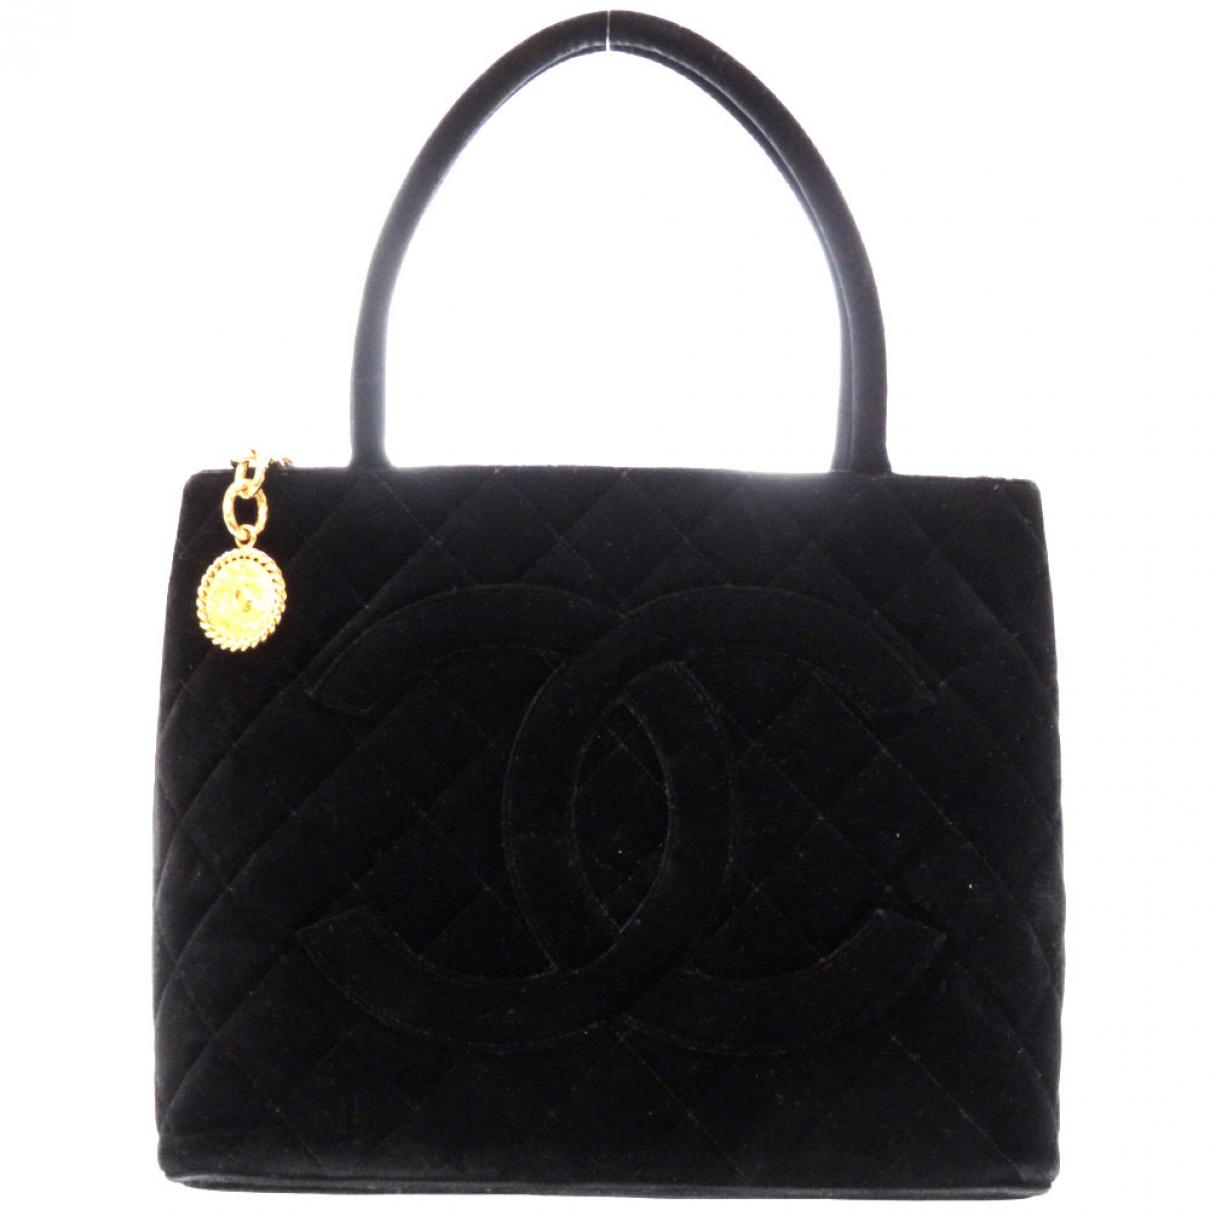 Chanel - Sac a main Medaillon pour femme en toile - noir